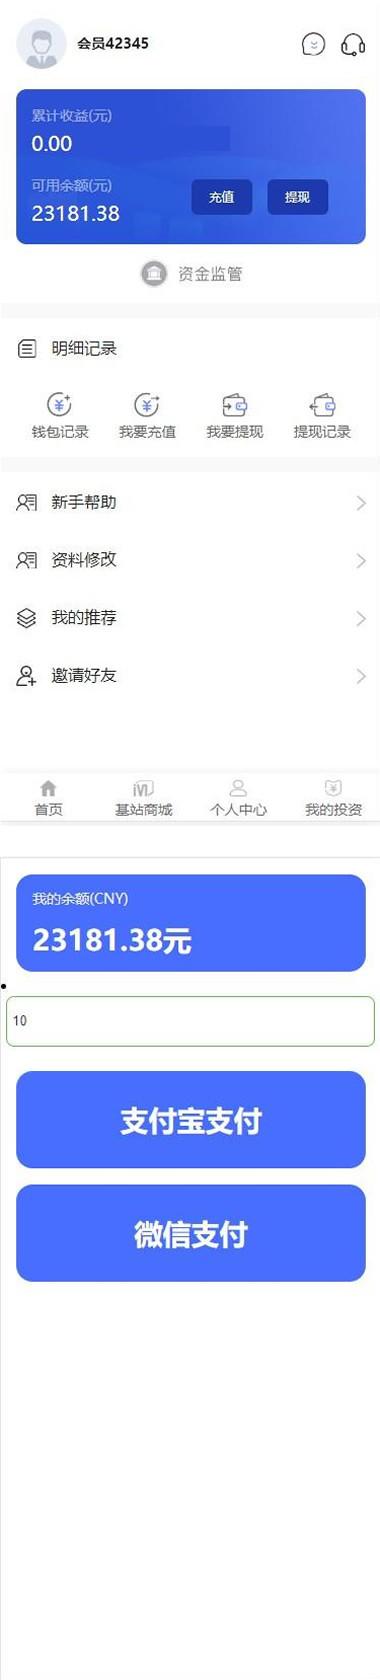 第二版区块链5G时代基站商城养鹅自动收益系统源码